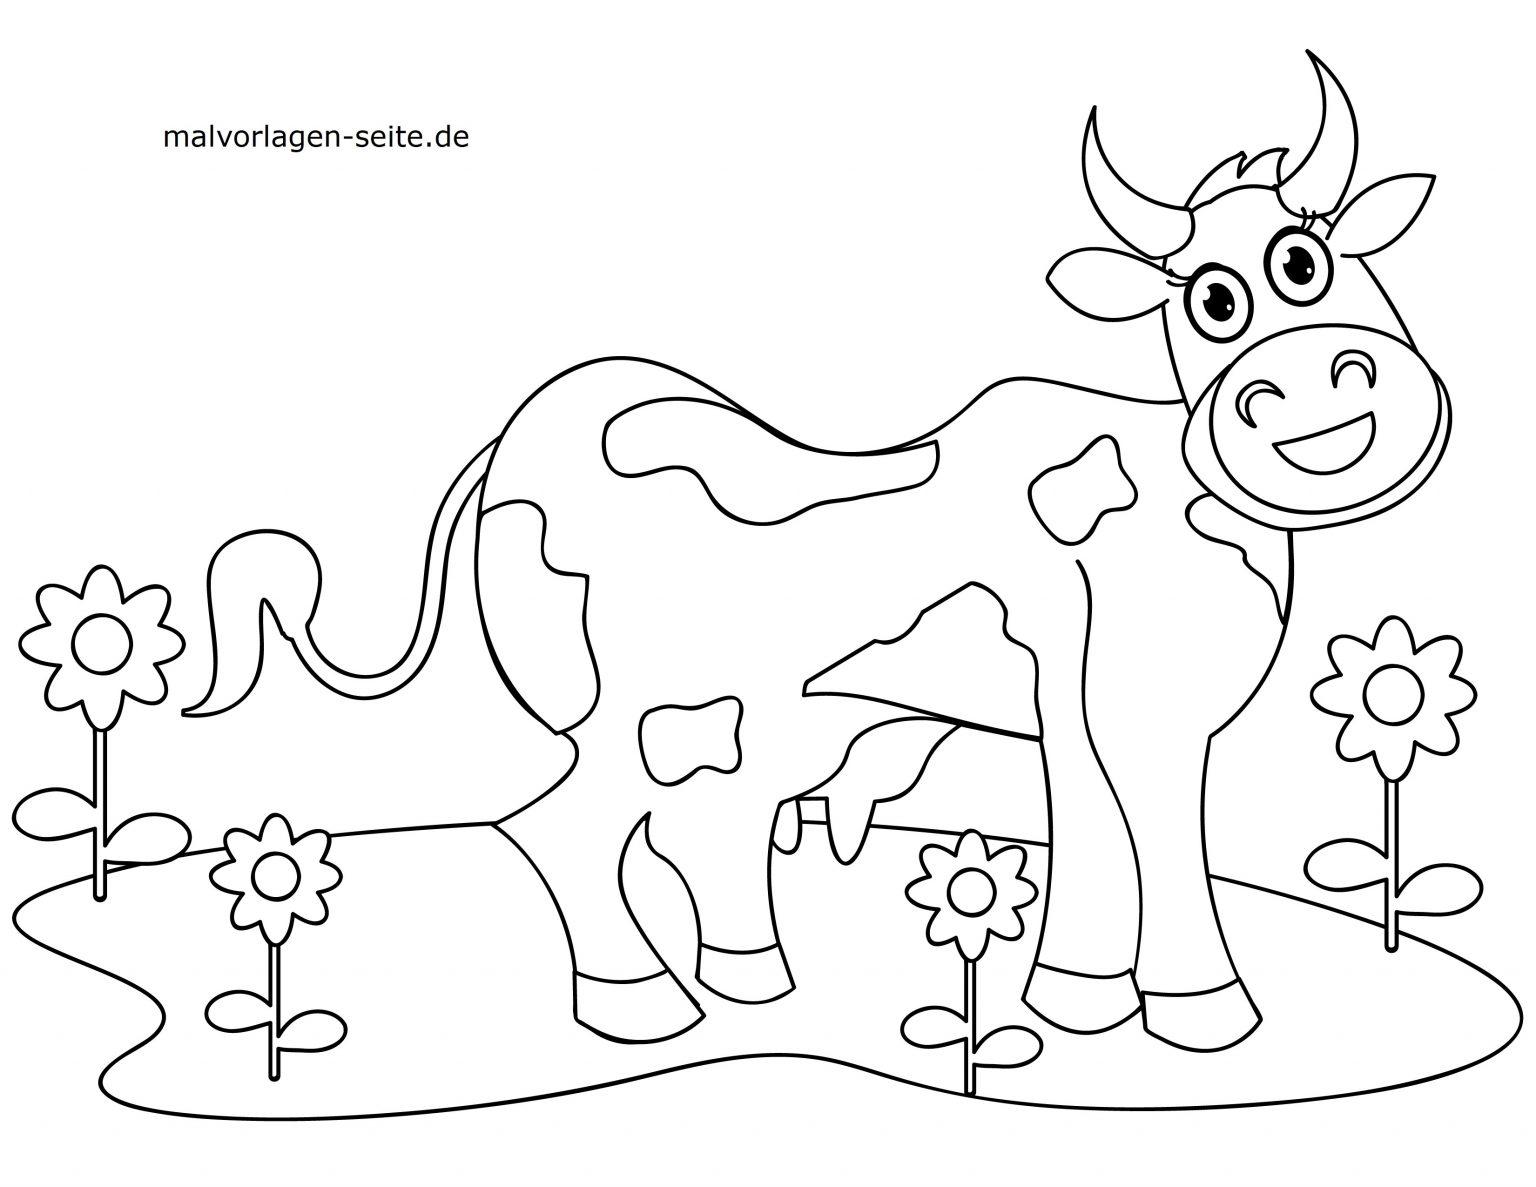 kuh malvorlage - kinderbilder.download | kinderbilder.download